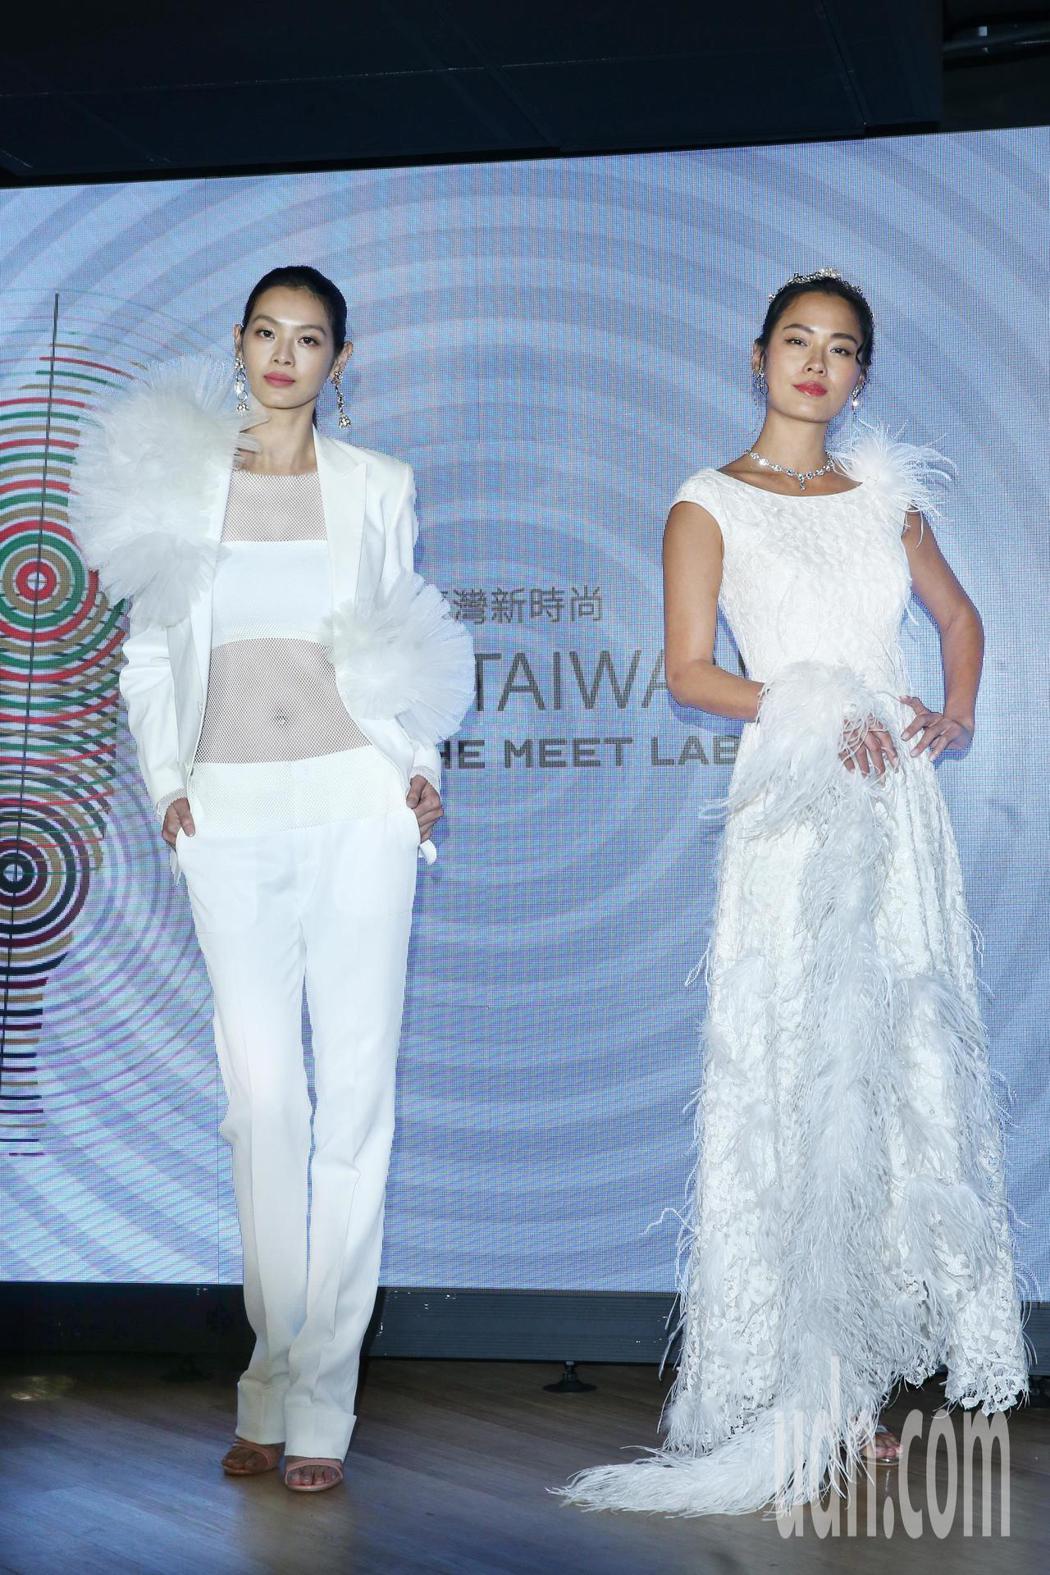 林嘉綺(左)與王麗雅(右)下午詮釋《braIN TAIWAN》設計師新作,並將與...